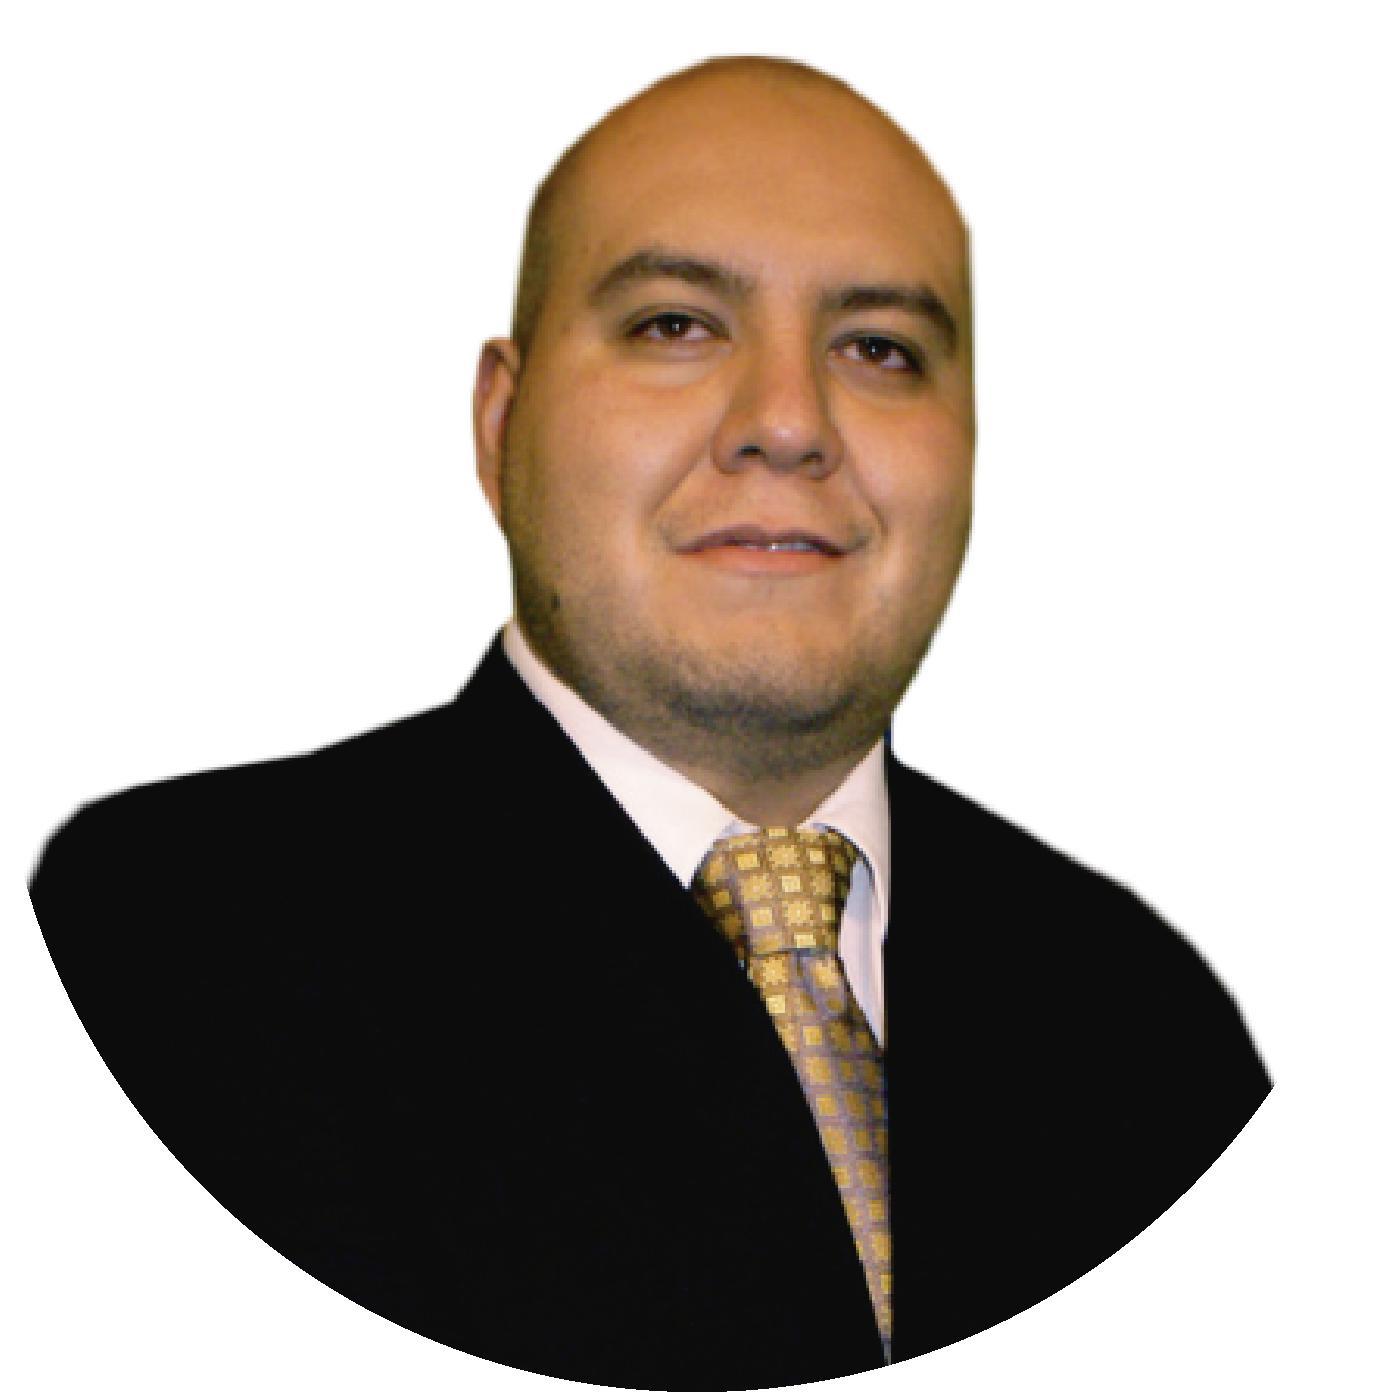 Ángel Reyes Luna - Licenciado en Creación y Desarrollo de Empresas por Instituto Tecnológico y de Estudios Superiores de Monterrey - campus Estado de México campus Toluca.